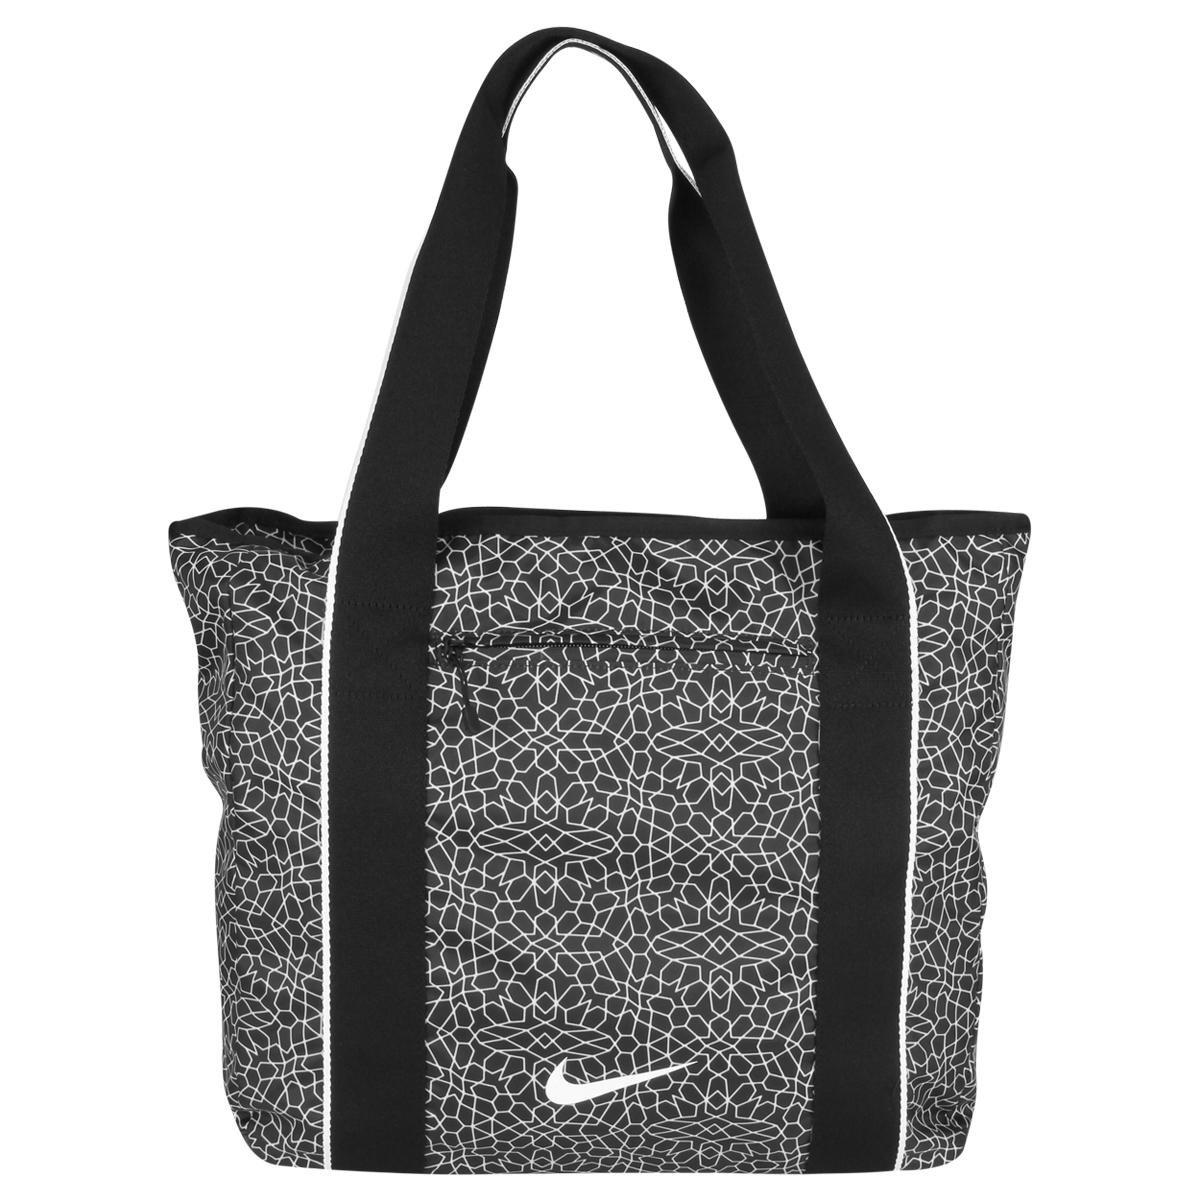 Bolsa Esportiva Feminina Nike Track Tote : Bolsa nike tote legend track feminina cinza e preto